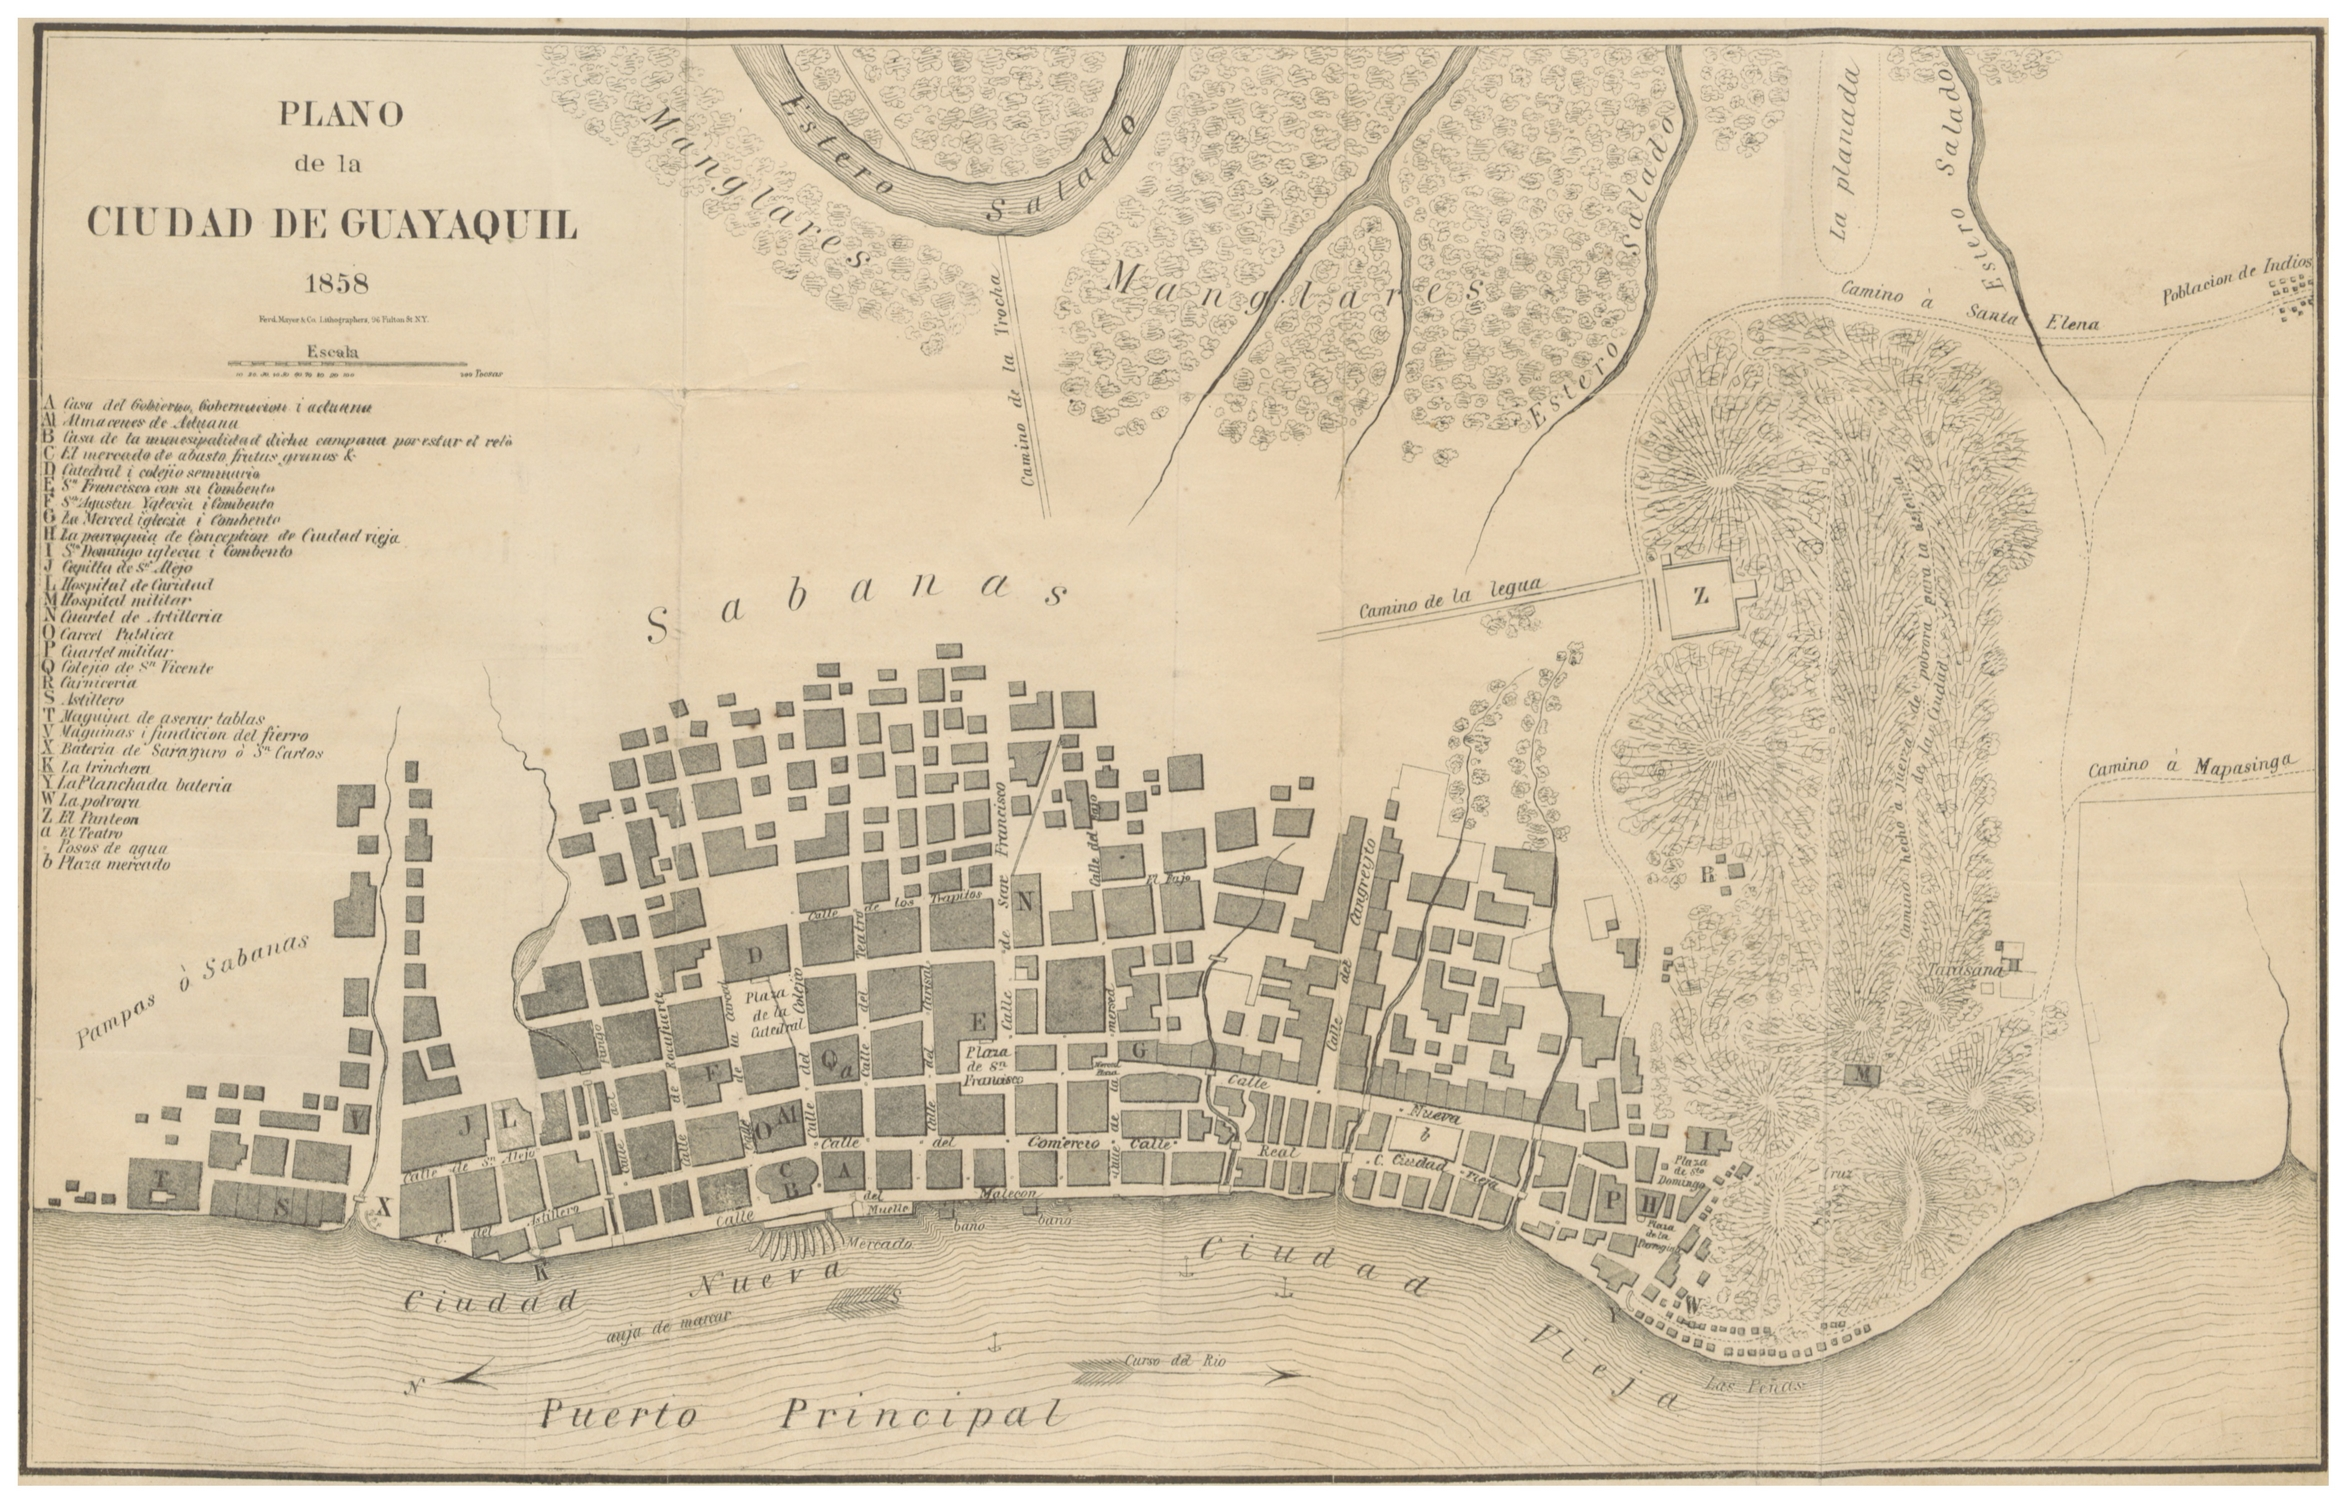 File Villavicencio 1858 P483 Plano De La Ciudad De Guayaquil 1858 Jpg Wikimedia Commons